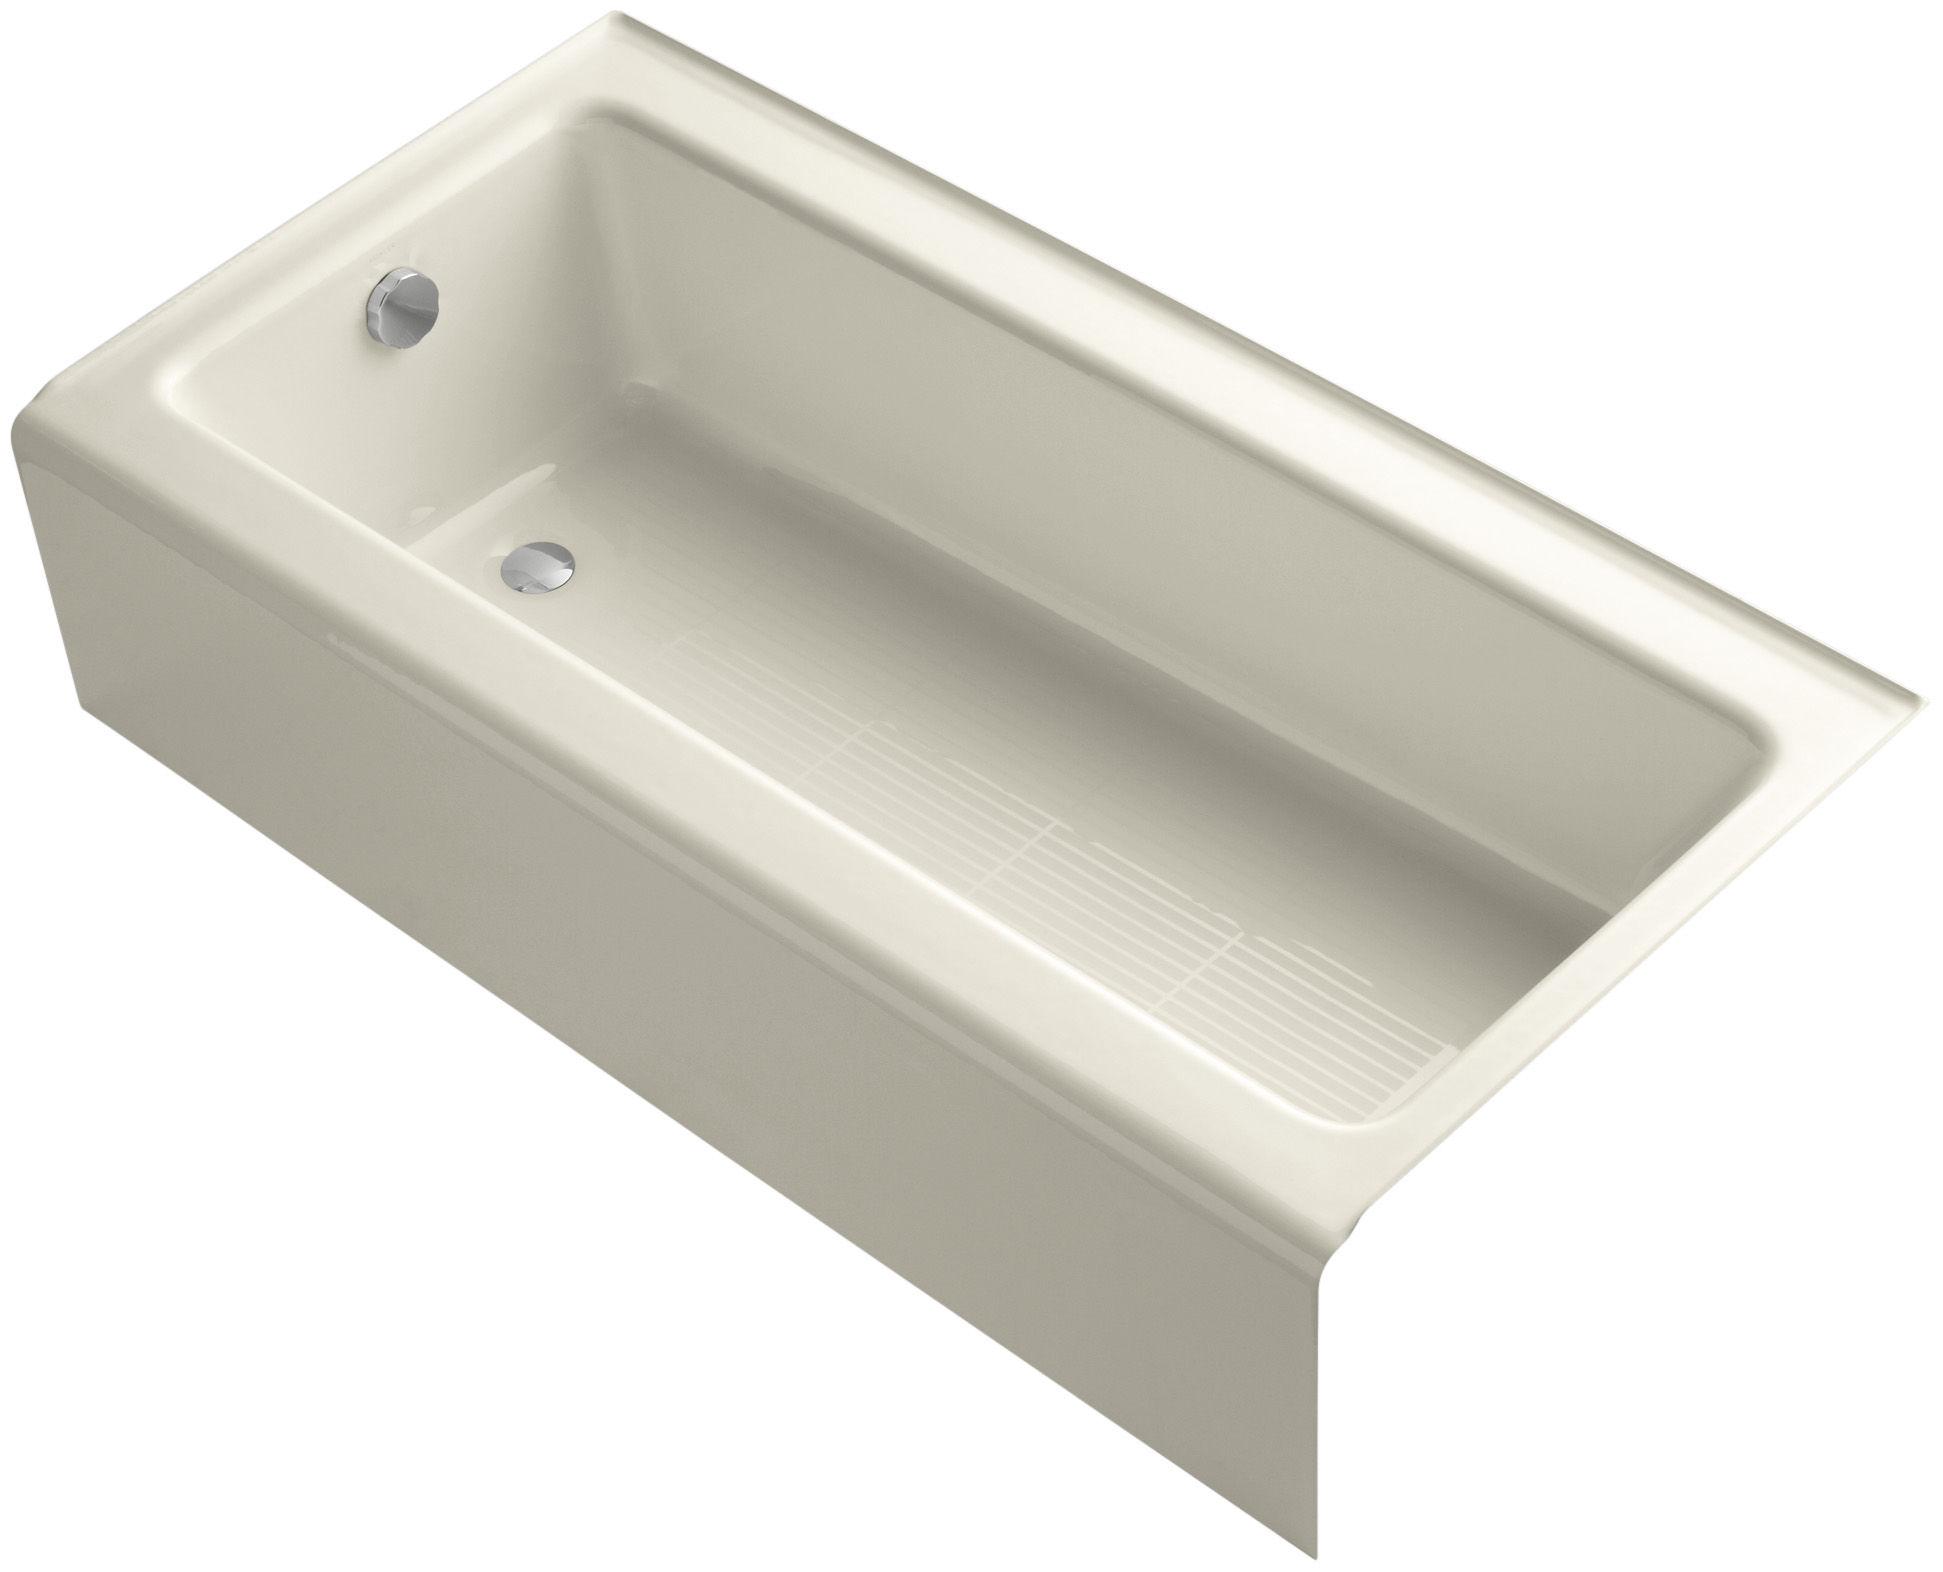 Kohler Bathtubs at FaucetDirect.com